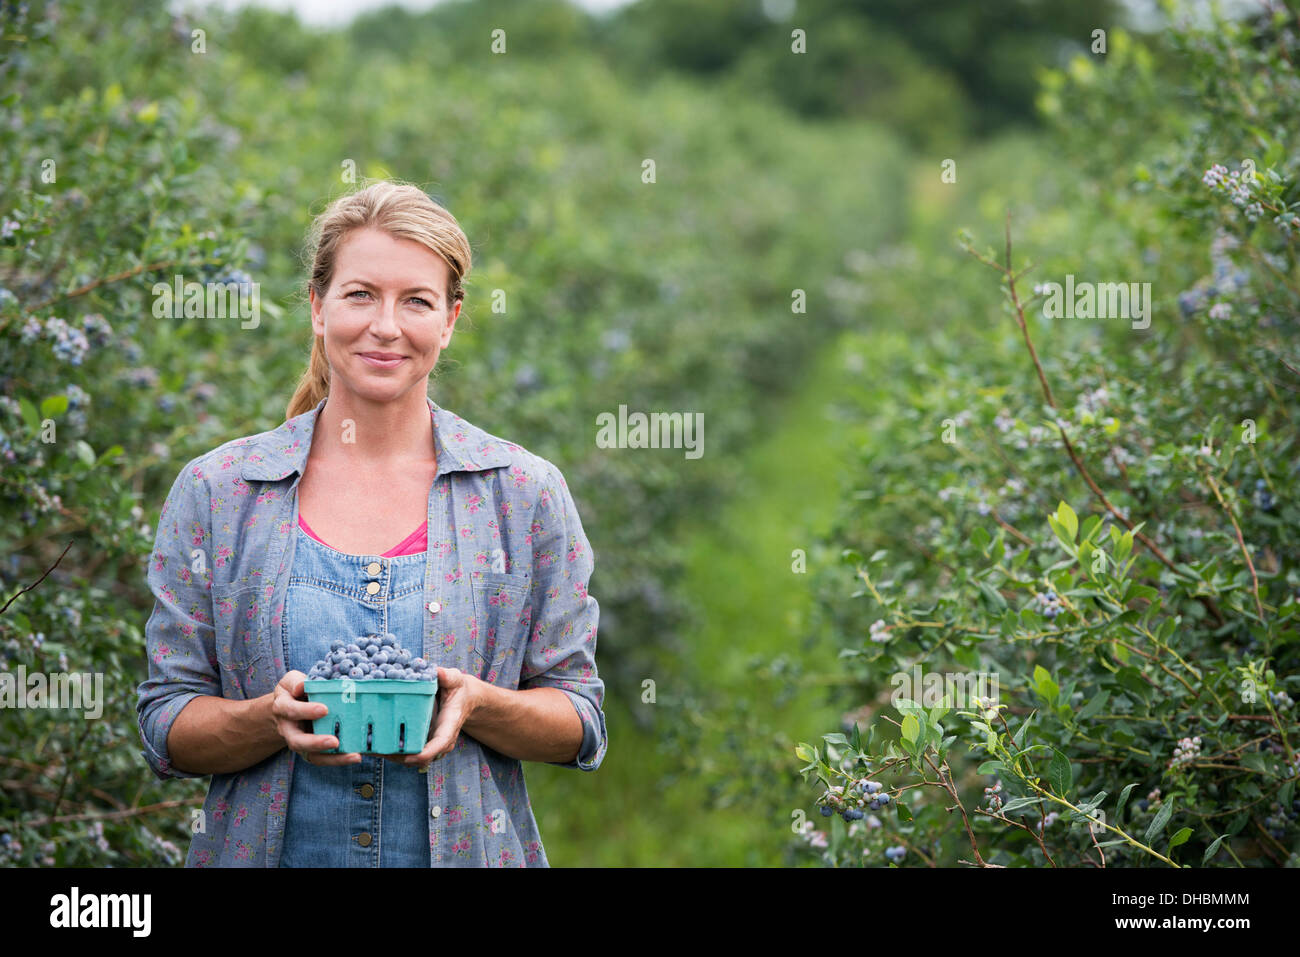 Ein Bio-Obst-Bauernhof. Eine Frau, die Ernte der Beeren von den Sträuchern. Stockbild